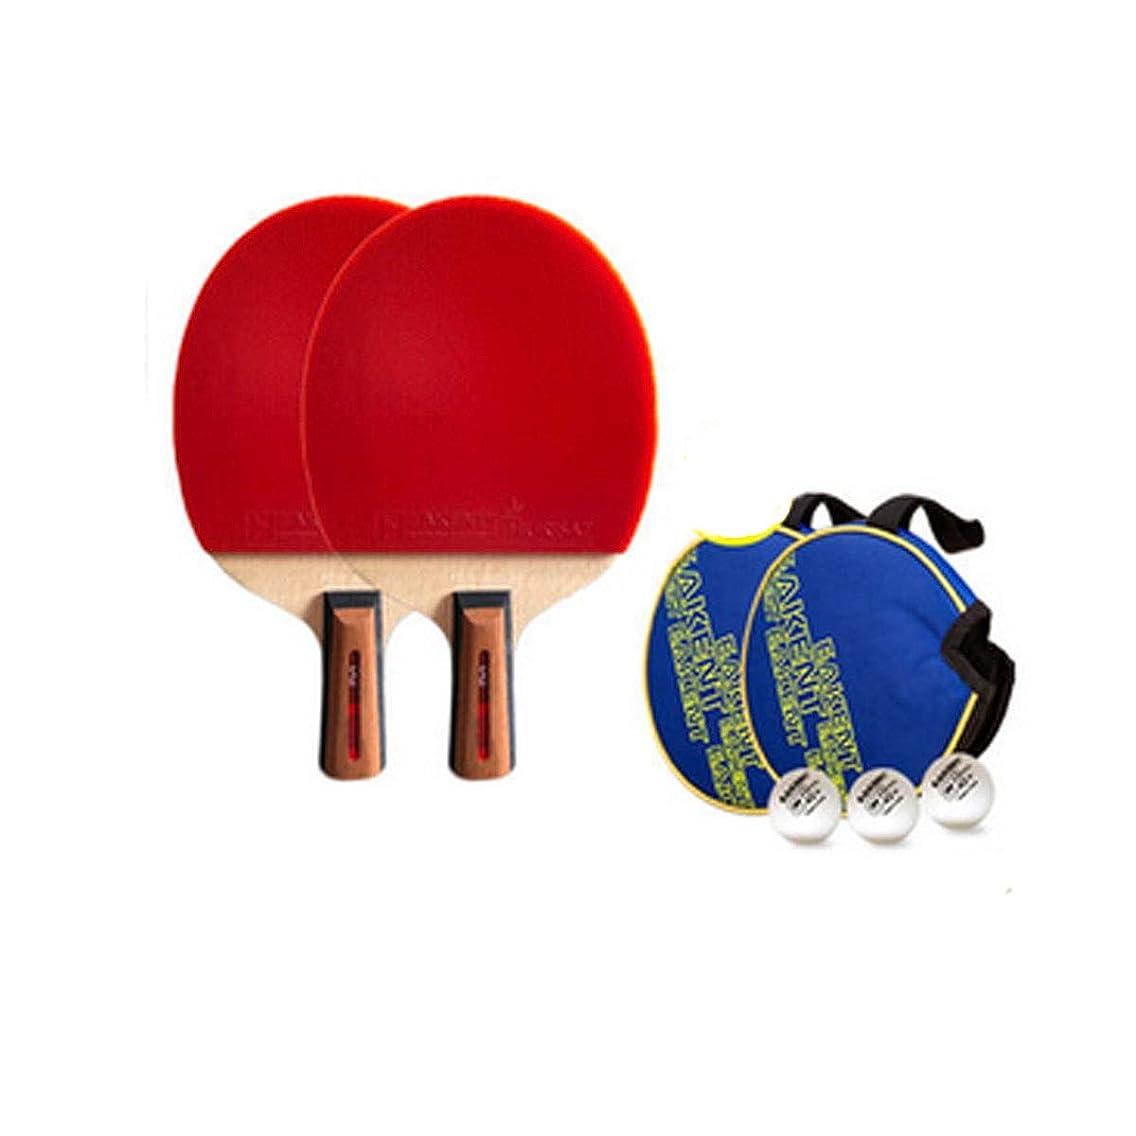 保安コーデリア苦しむアウトドア、フィットネスラケットに適した卓球ラケット、4つ星(1つ購入で1つ無料)(3ボール+ 2セット)